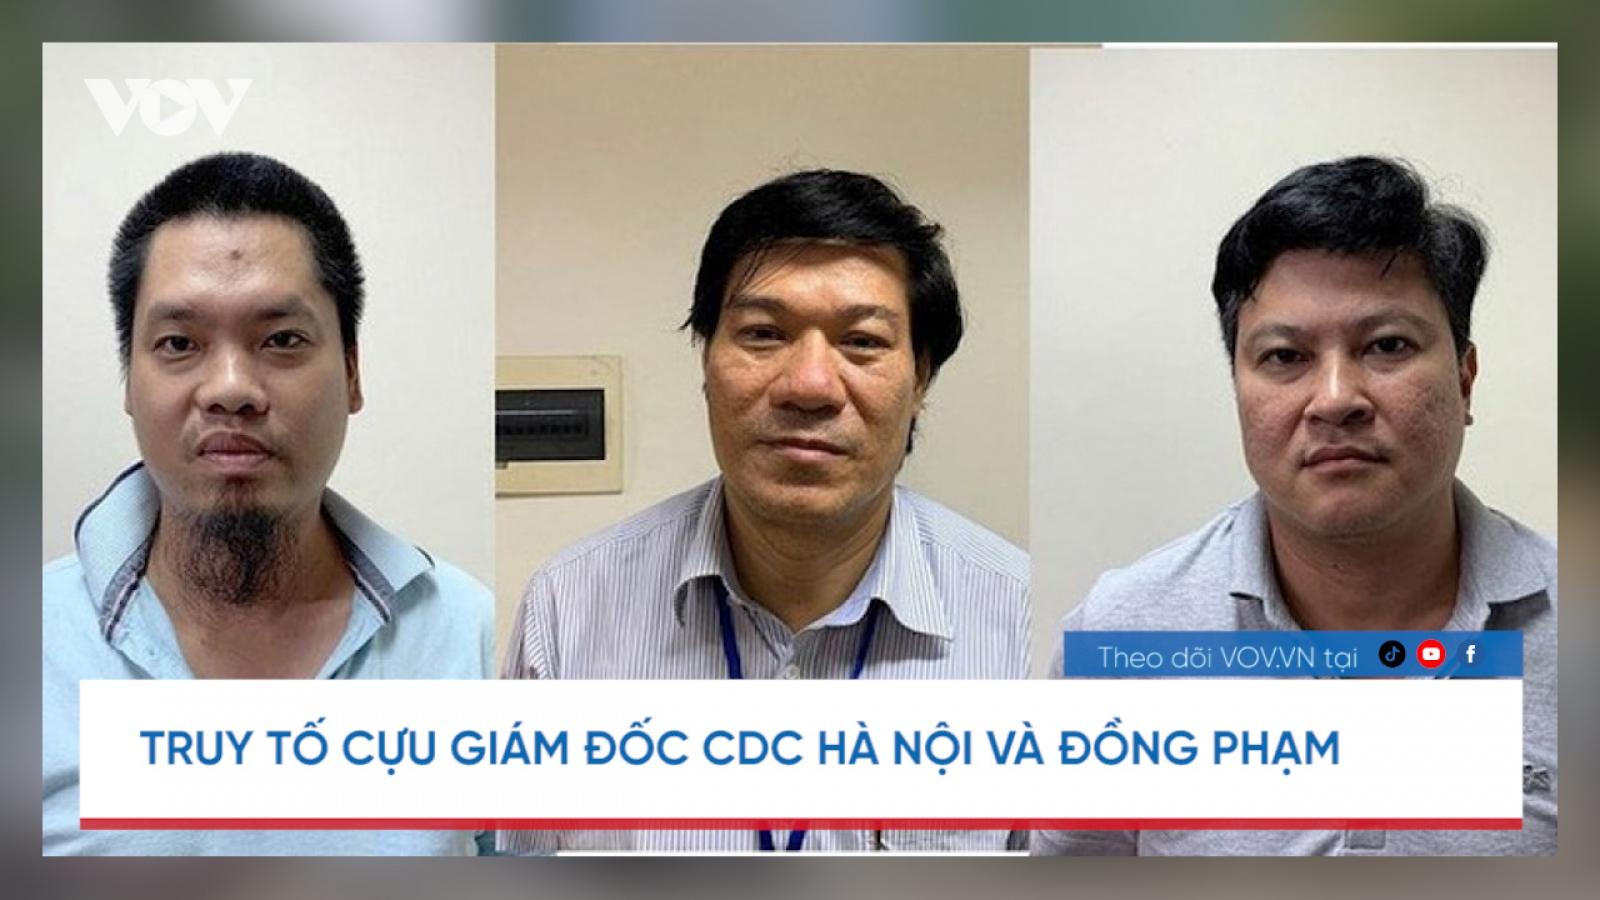 Nóng 24h: Cựu Giám đốc CDC Hà Nội bị đề nghị truy tố 10-20 năm tù